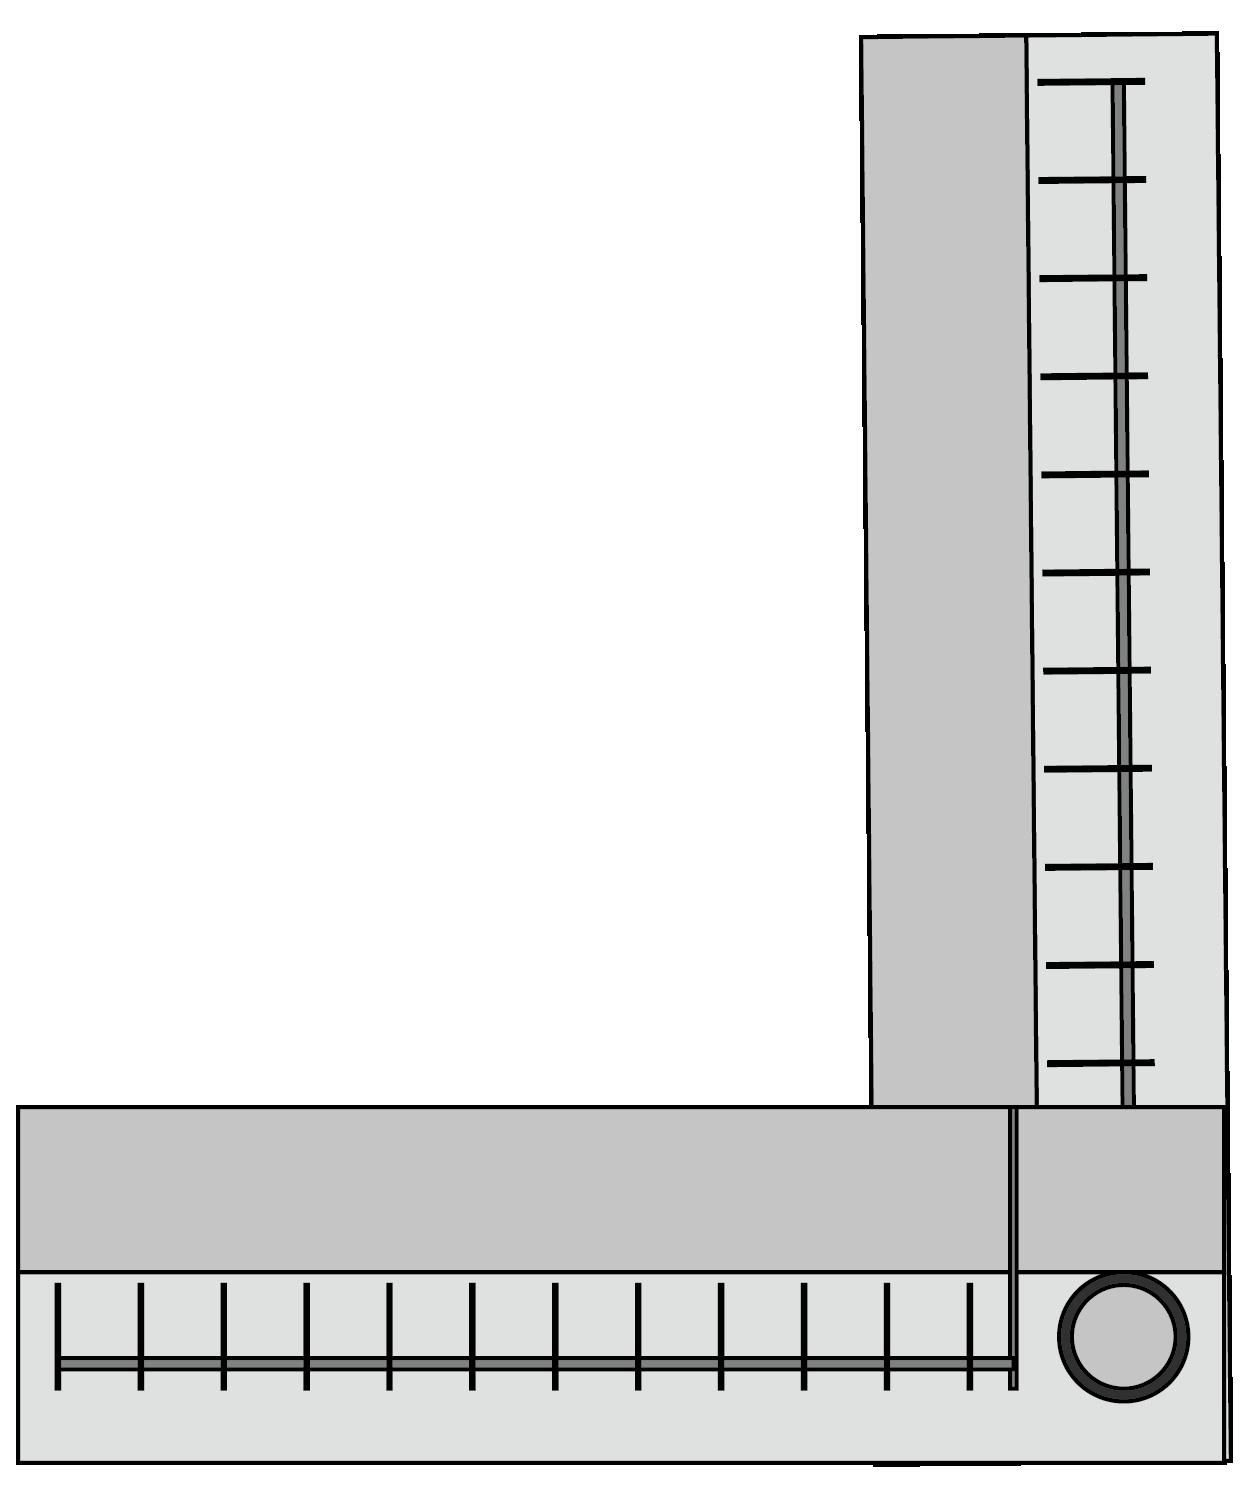 This is Carpenter's square